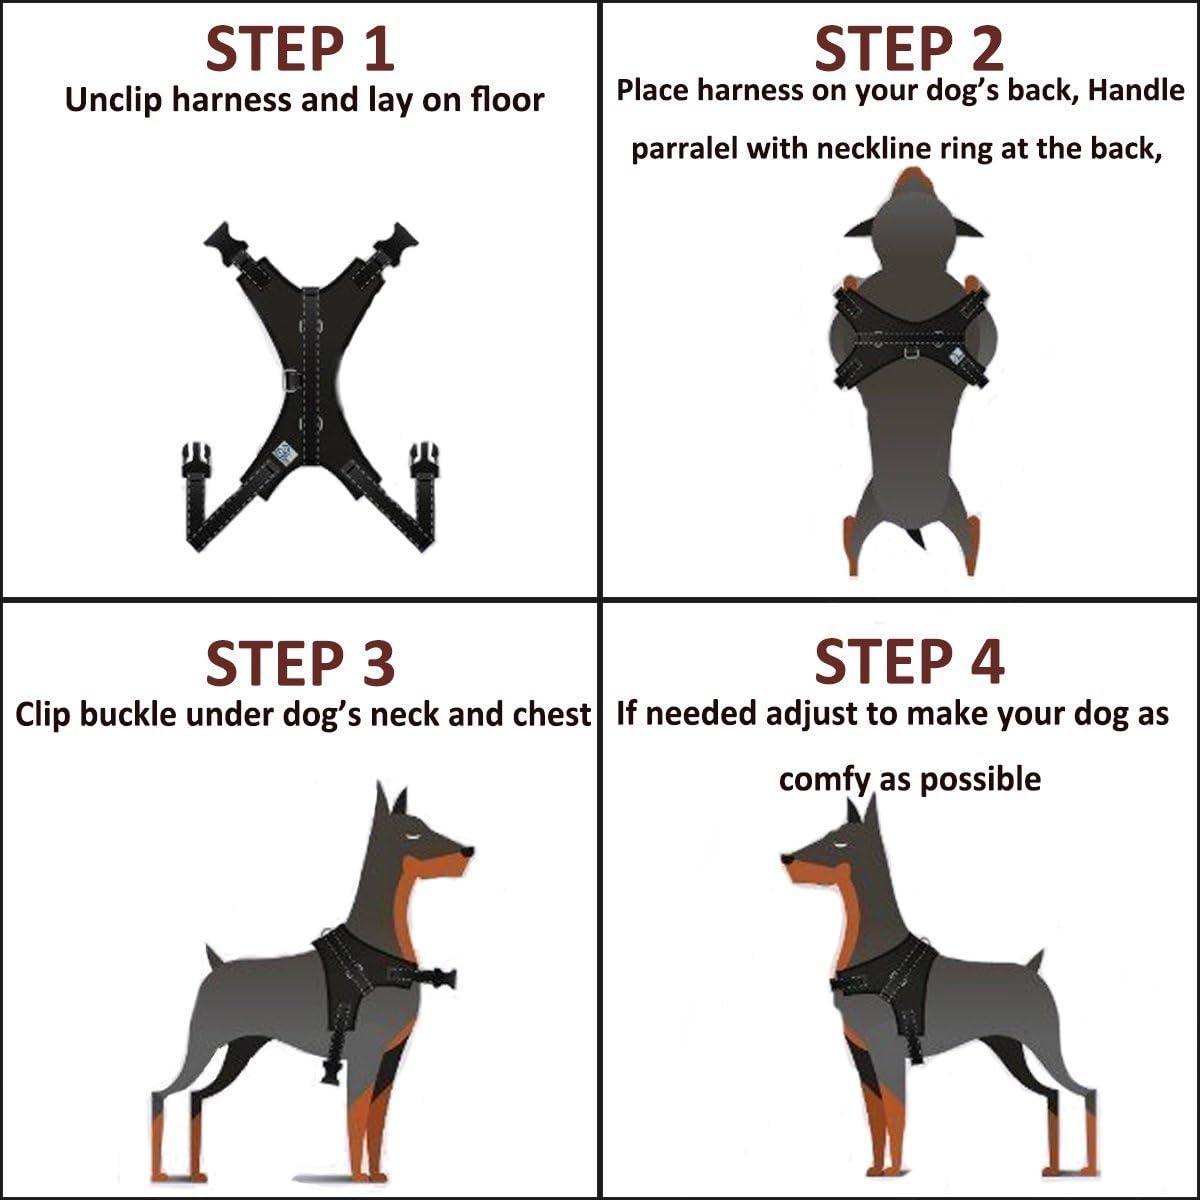 medianos y Grandes Correa incluida Mejor para el Entrenamiento Caminando Transpirable para Perros peque/ños Comodidad Ajustable EAST-BIRD Arn/és para Perro sin tirones